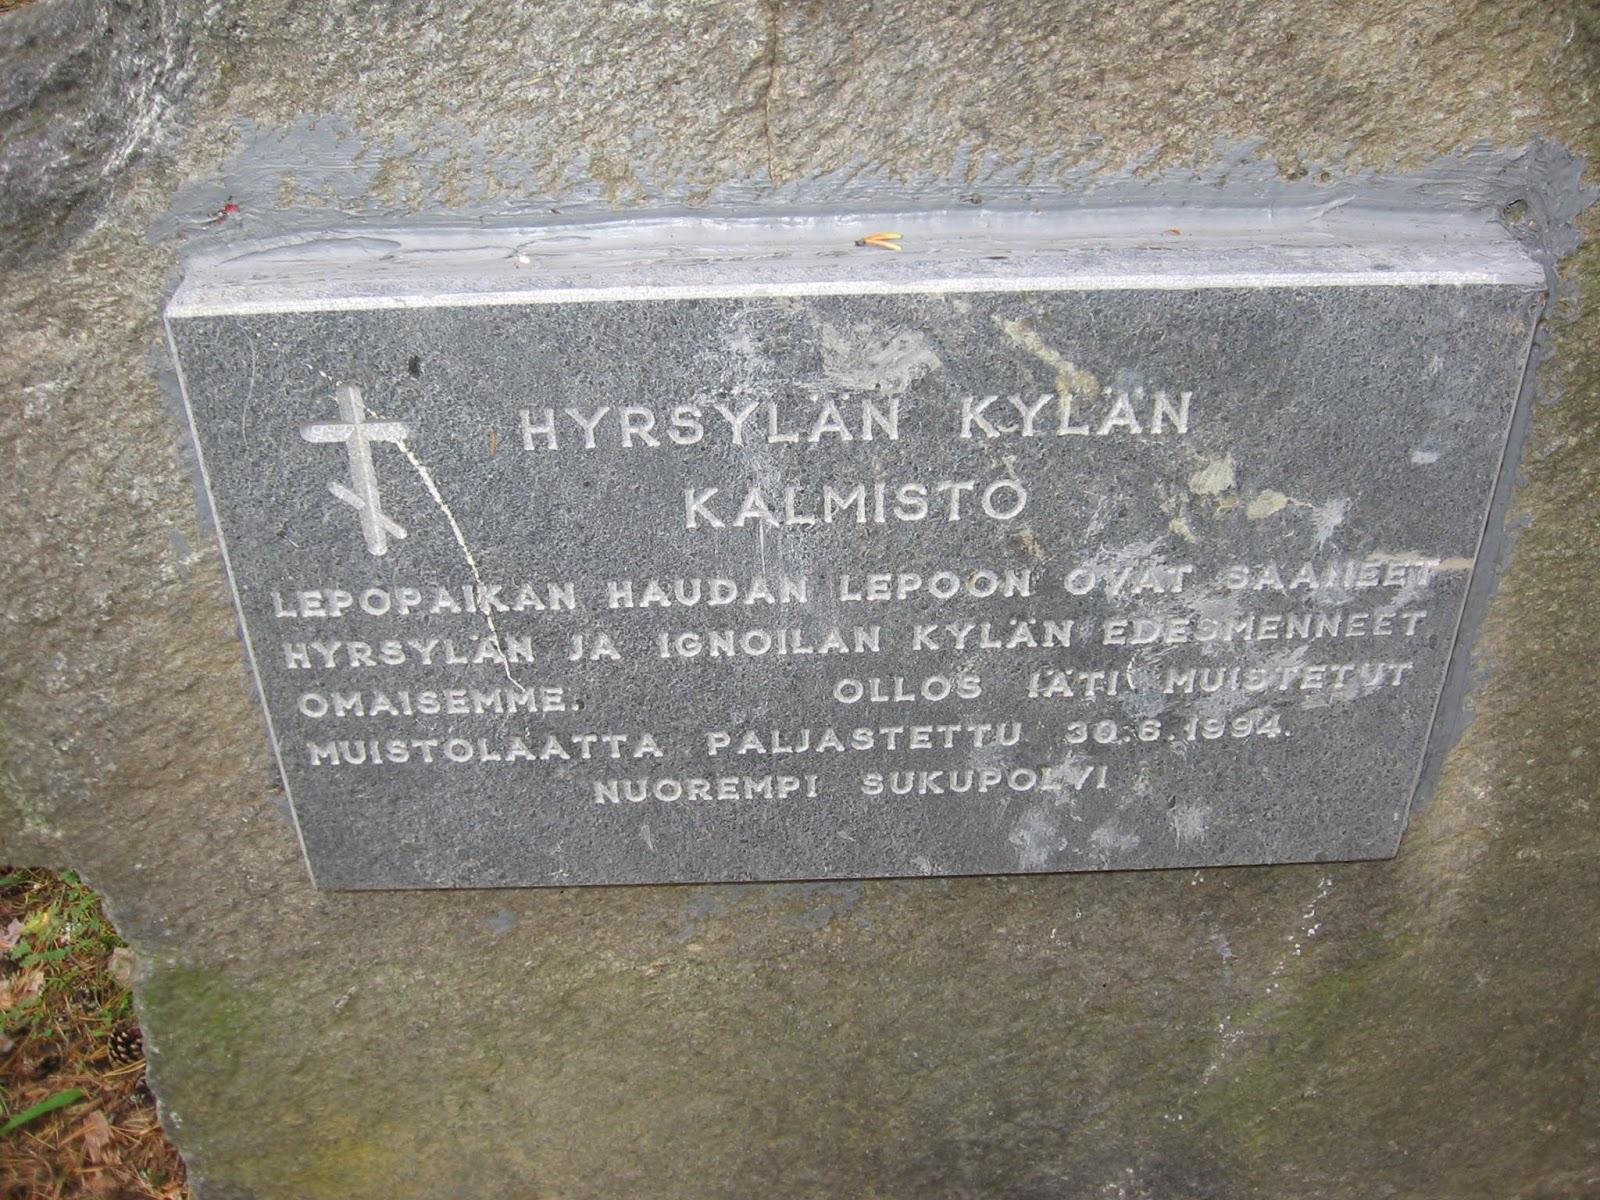 Willimiehen Jaljilla Suojarvi Hyrsylan Ortodoksinen Kalmisto